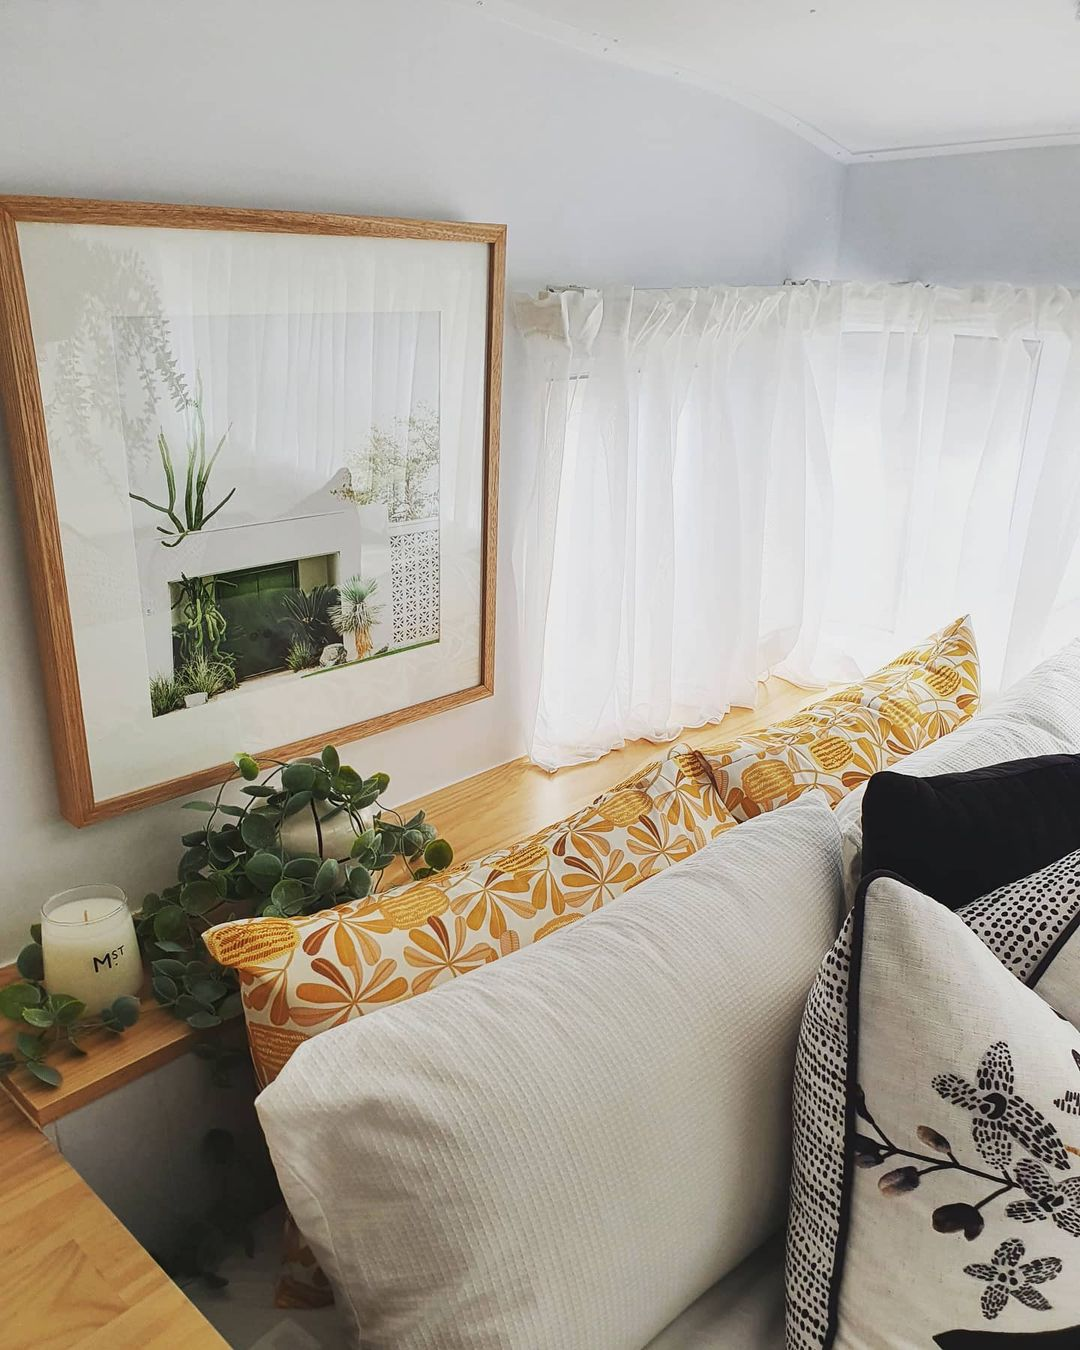 Bedroom decor in a renovated vintage camper.